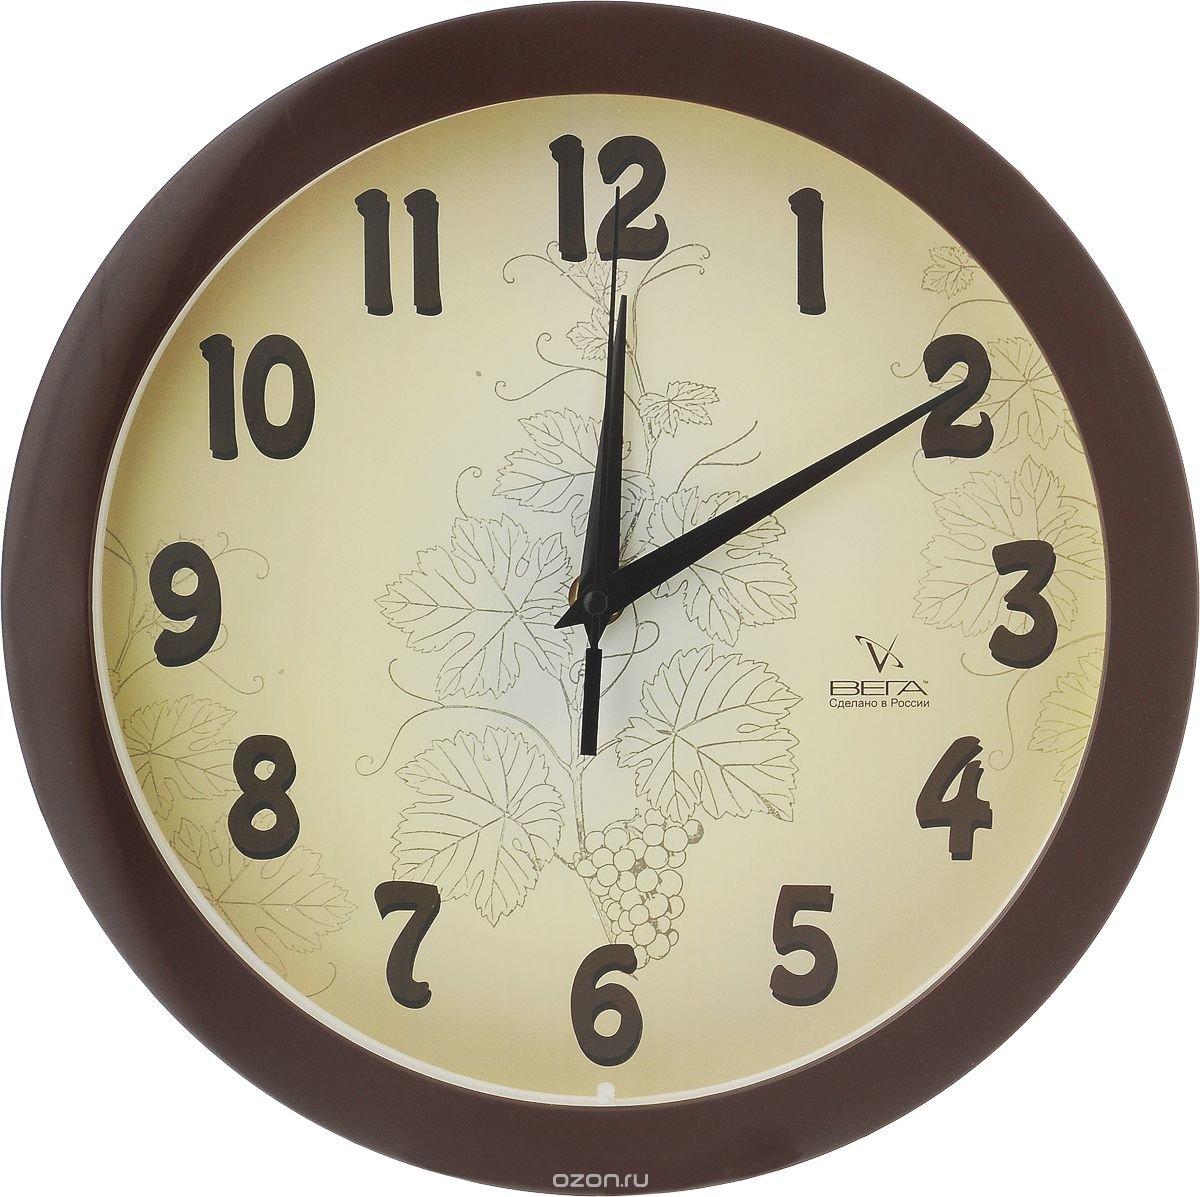 Прозрачные часы силиконовые часы для женщин спорт повседневное кварцевые наручные новинка хрустальные женские часы мультфильм re настенные часы home decor.